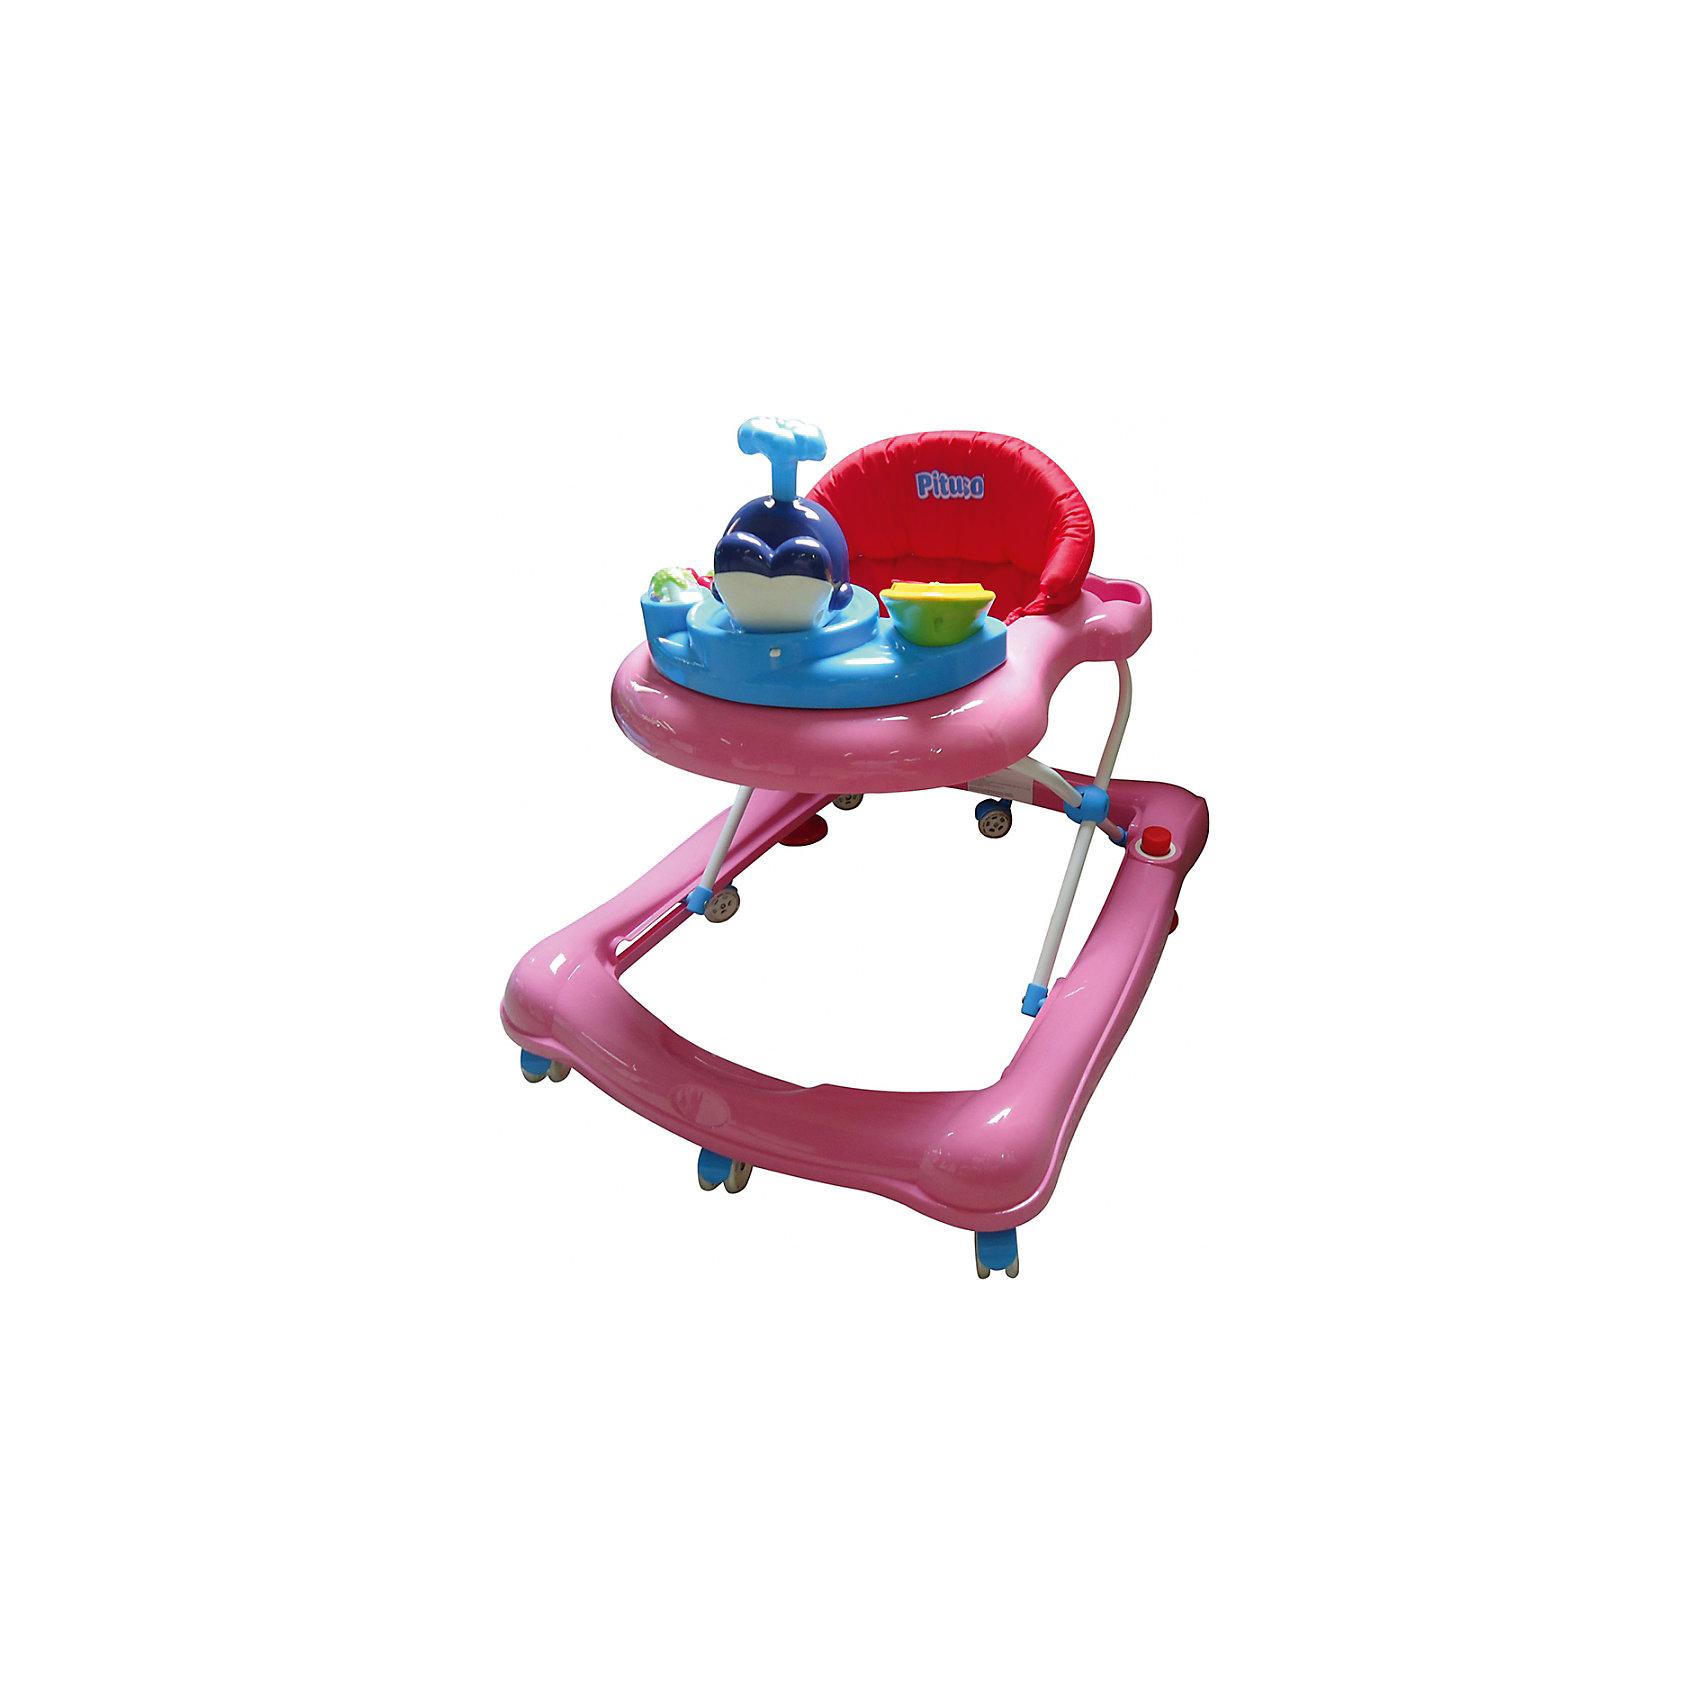 Ходунки Orense Дружок кит, Pituso, розовыйХодунки<br>Характеристики ходунков Pituso:<br><br>• высота ходунков регулируется в 3-х положениях;<br>• музыкальное сопровождение;<br>• развивающие игрушки;<br>• устойчивая конструкция ходунков;<br>• мягкое сиденье эргономичной формы, высокая спинка;<br>• 8 колес, поворотные с блокировкой, материал силикон;<br>• материал ходунков: пластик, чехлы – полиэстер.<br><br>Размер ходунков: 64х55х71 см<br>Вес: 46,7 кг<br>Максимальная нагрузка: 13 кг<br><br>Ходунки Orense Дружок кит, Pituso, розовый можно купить в нашем интернет-магазине.<br><br>Ширина мм: 640<br>Глубина мм: 550<br>Высота мм: 710<br>Вес г: 4670<br>Возраст от месяцев: 6<br>Возраст до месяцев: 12<br>Пол: Женский<br>Возраст: Детский<br>SKU: 5559205